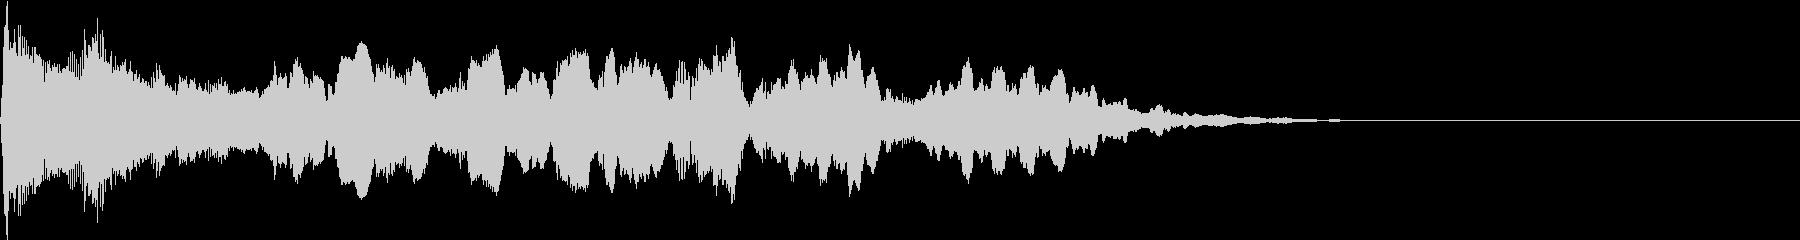 バイオリンのフレーズ04【悲しみ/憂い】の未再生の波形